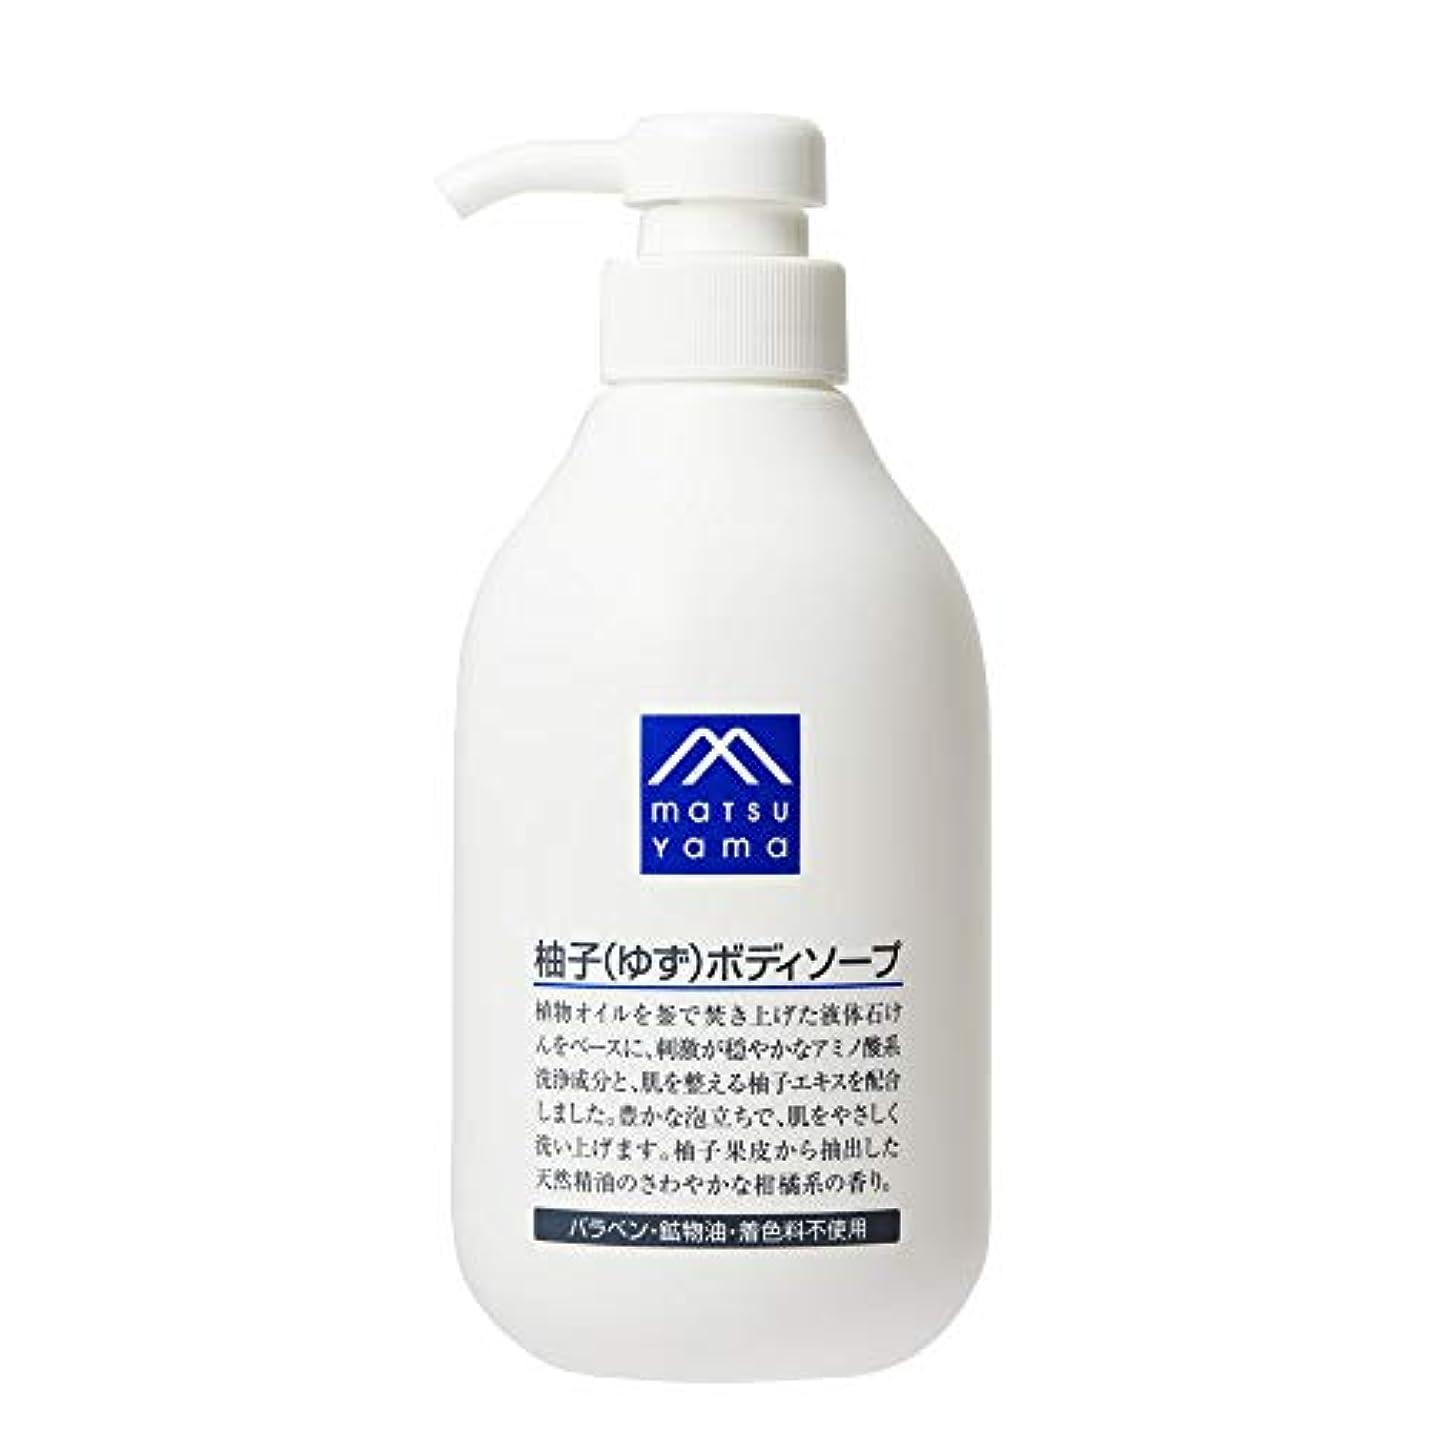 M-mark 柚子(ゆず)ボディソープ